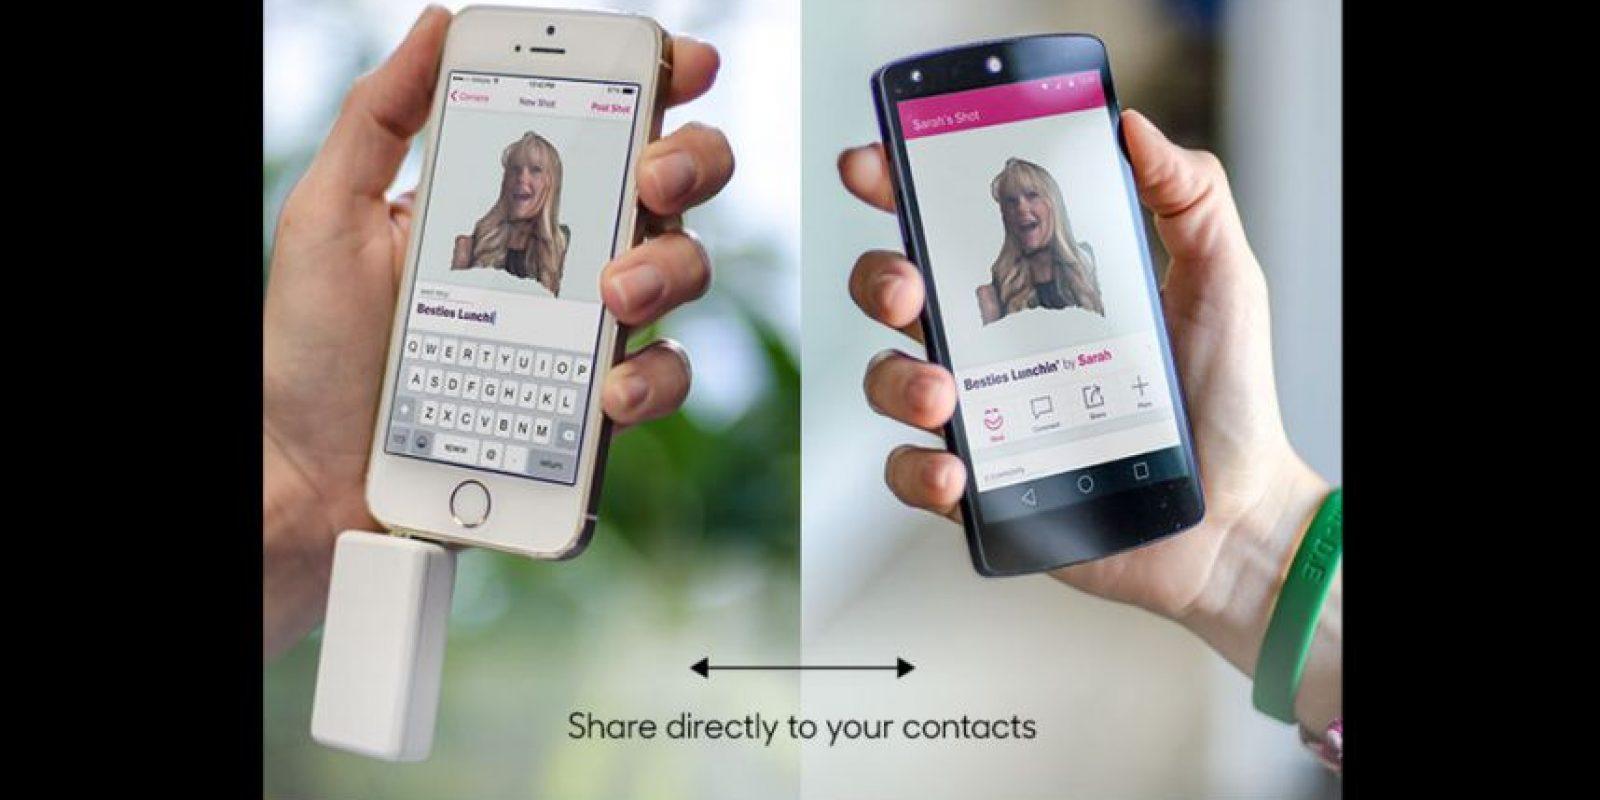 Después de tener la imagen lista, podrán compartirla en redes sociales y contactos Foto:Matter And Form Inc.